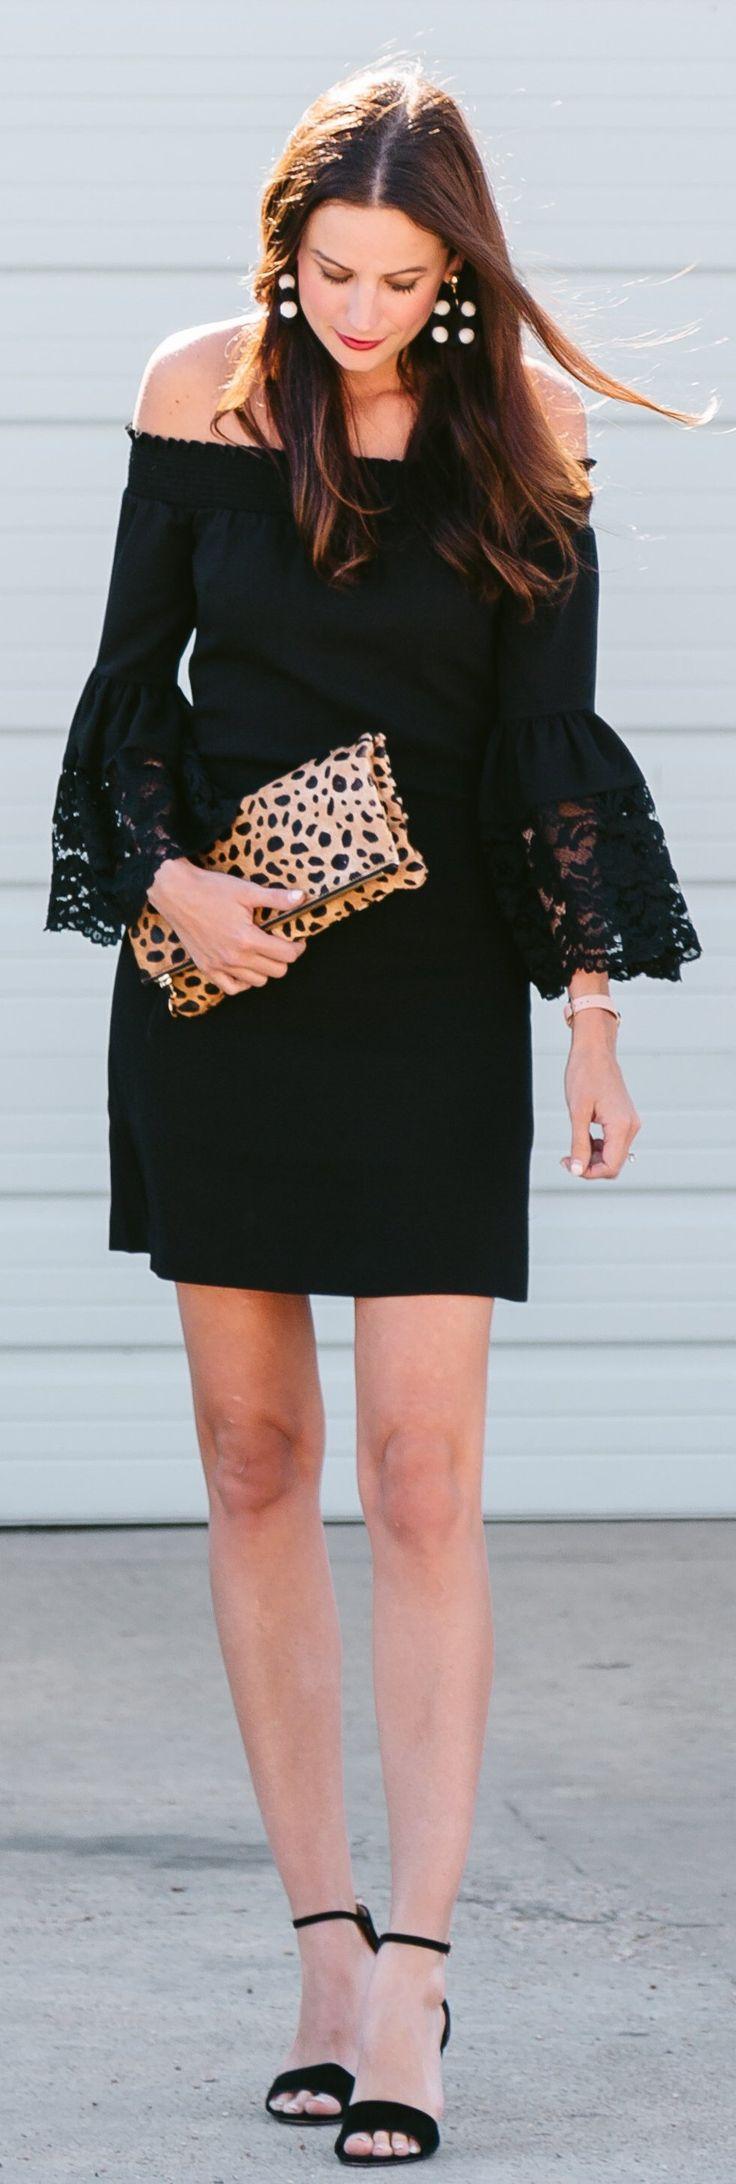 #spring #fashion nero spalla aperta Dress & leopardo frizione e sandali neri